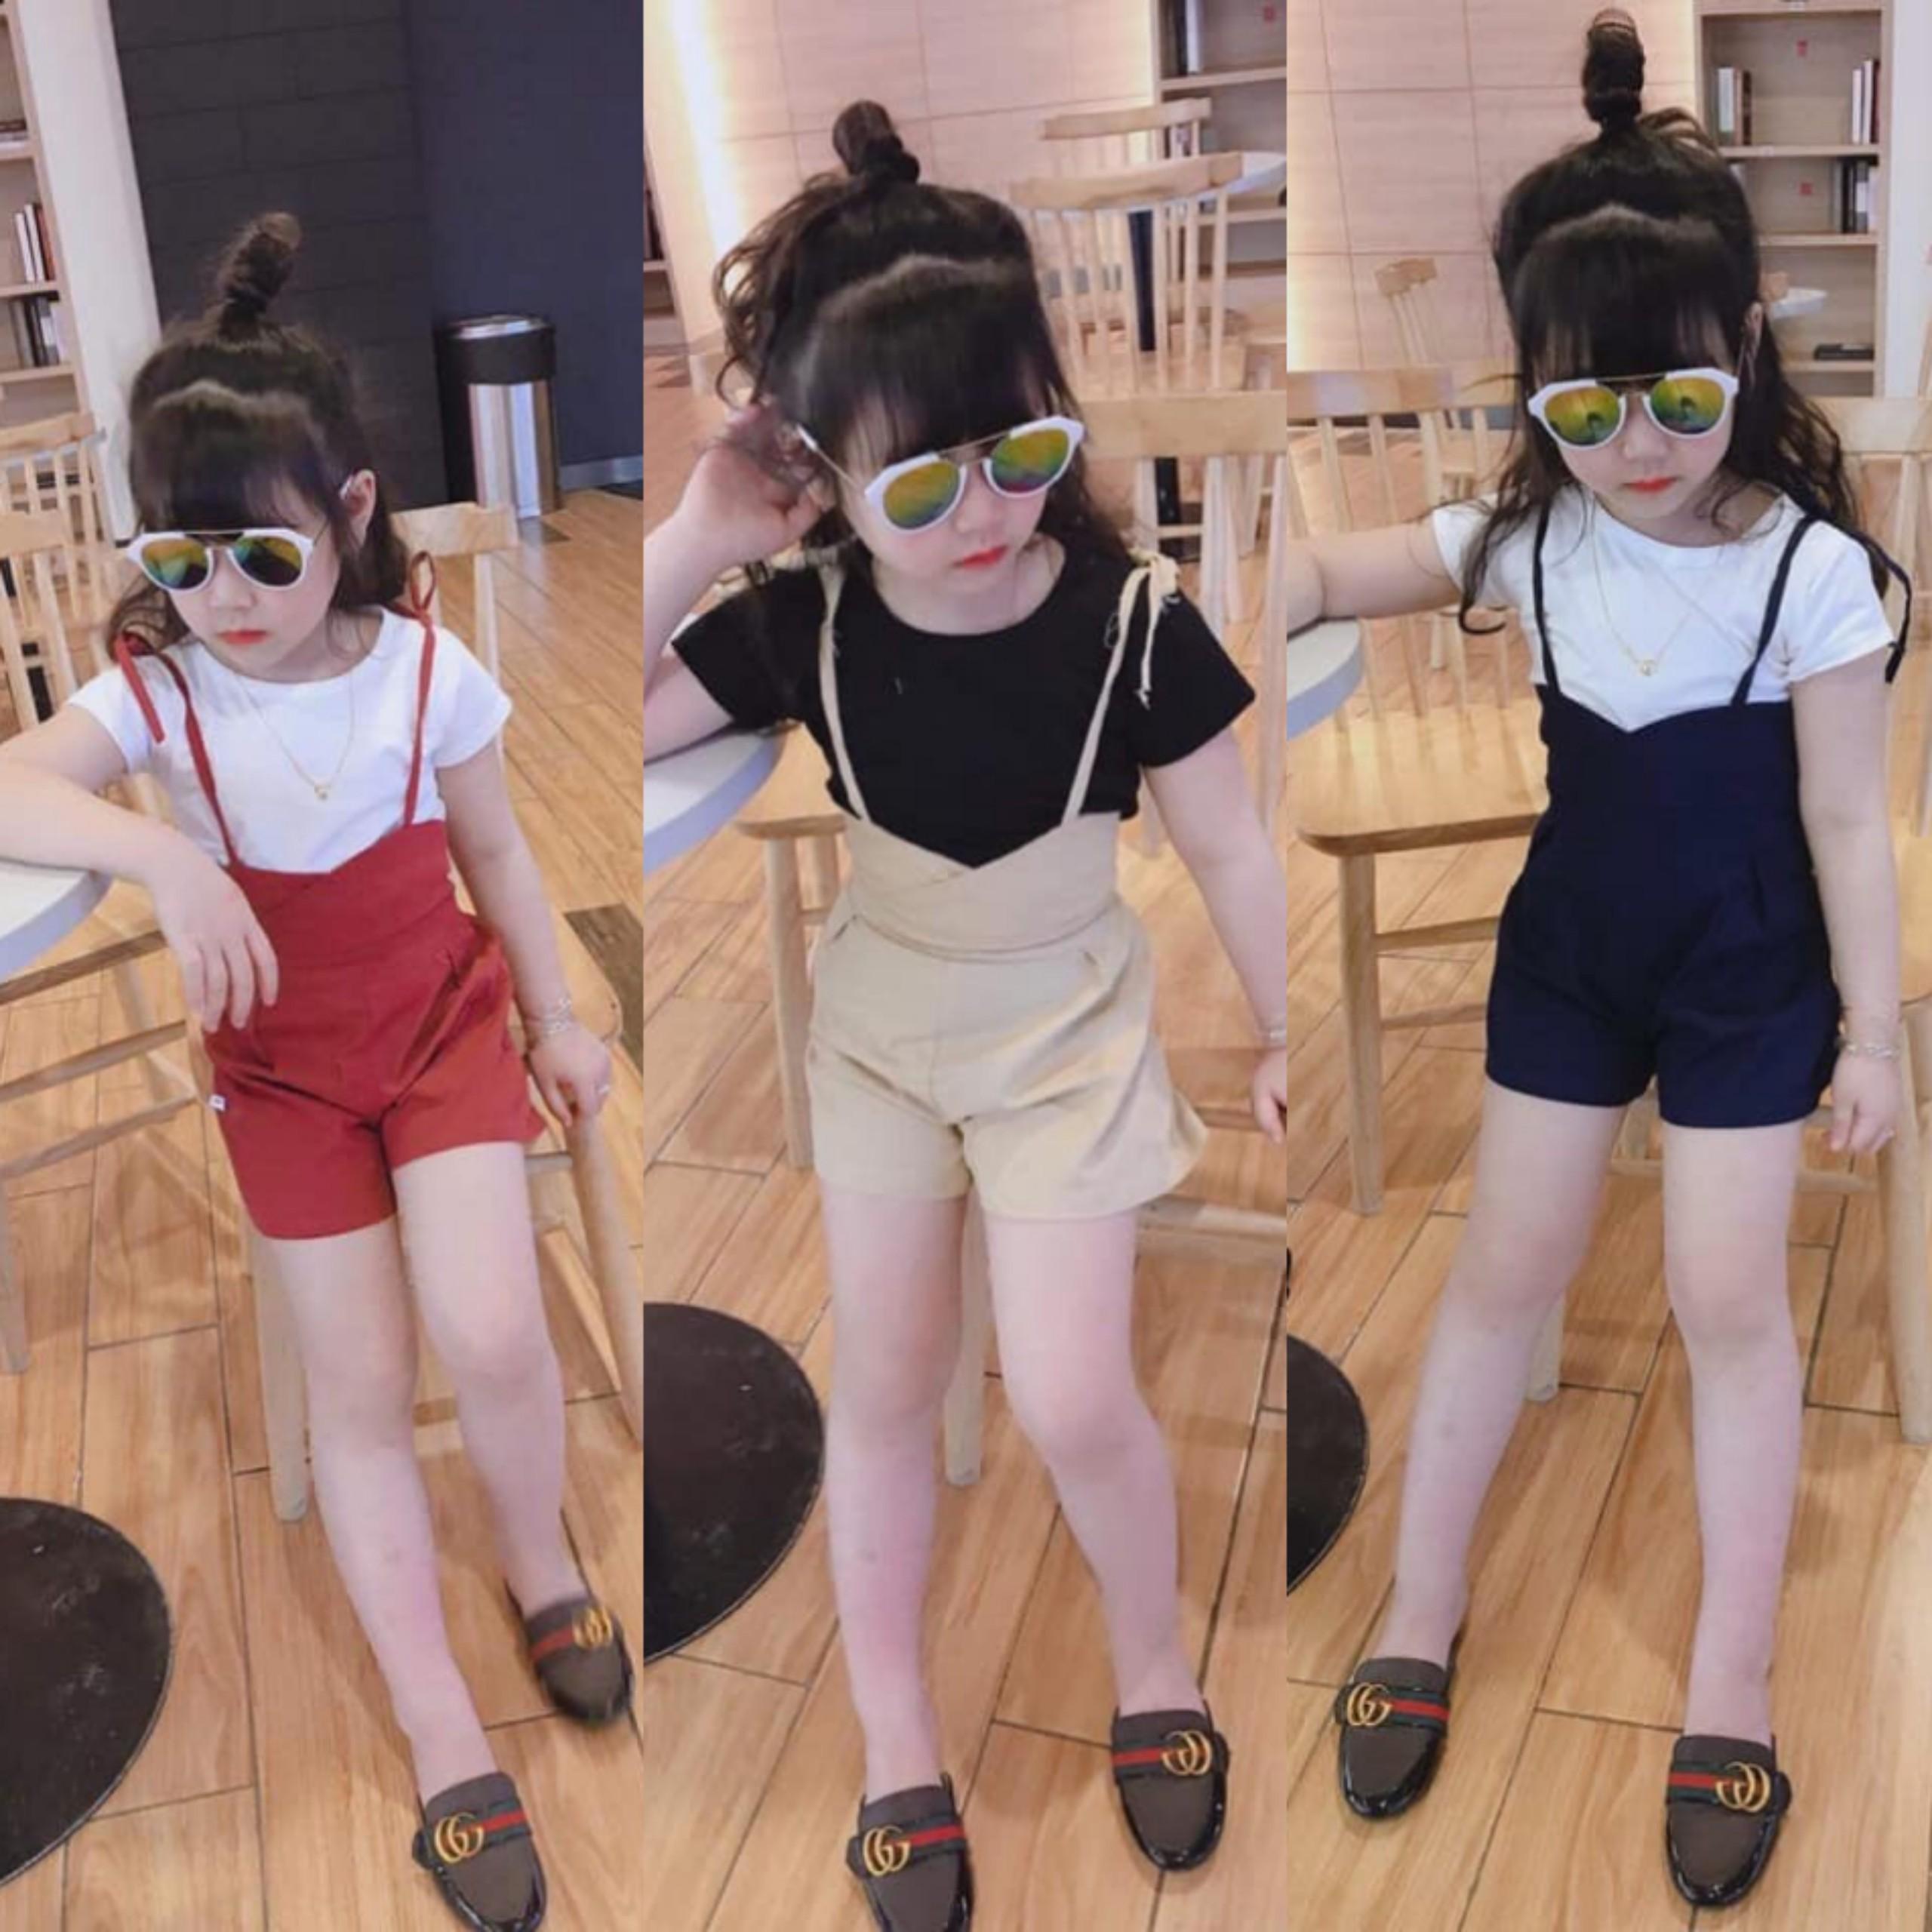 [ Kho buôn ]Hàng Quảng Châu xuất Hàn chuẩn xịn, set áo quần yếm cho bé gái, bộ đồ bé gái, váy đầm bé gái Nhật Bản